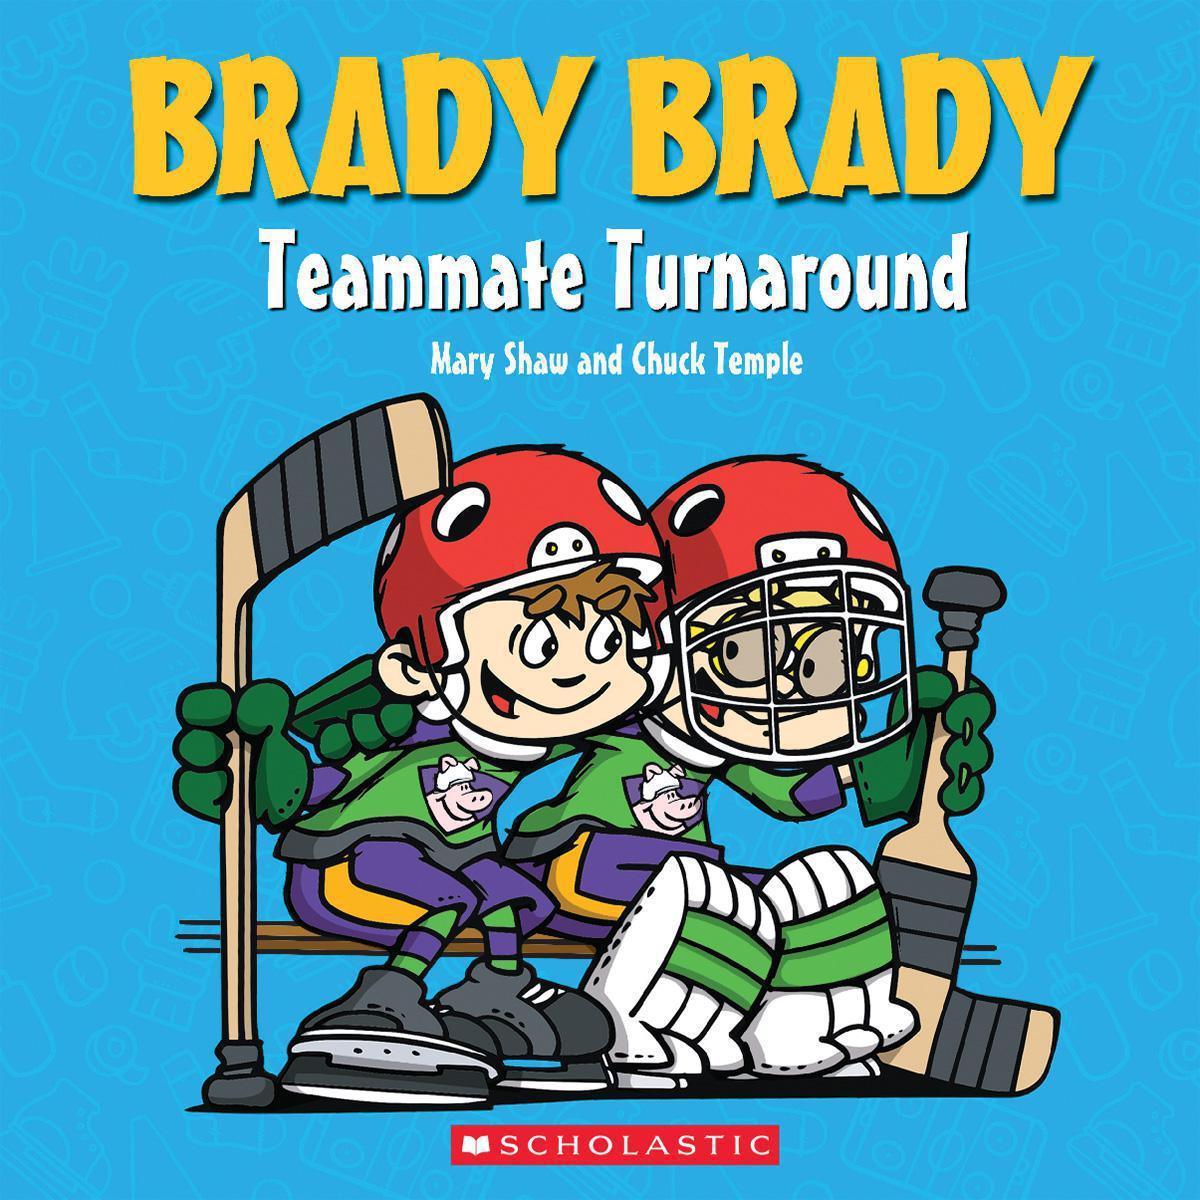 Brady Brady and the Teammate Turnaround 10-Pack